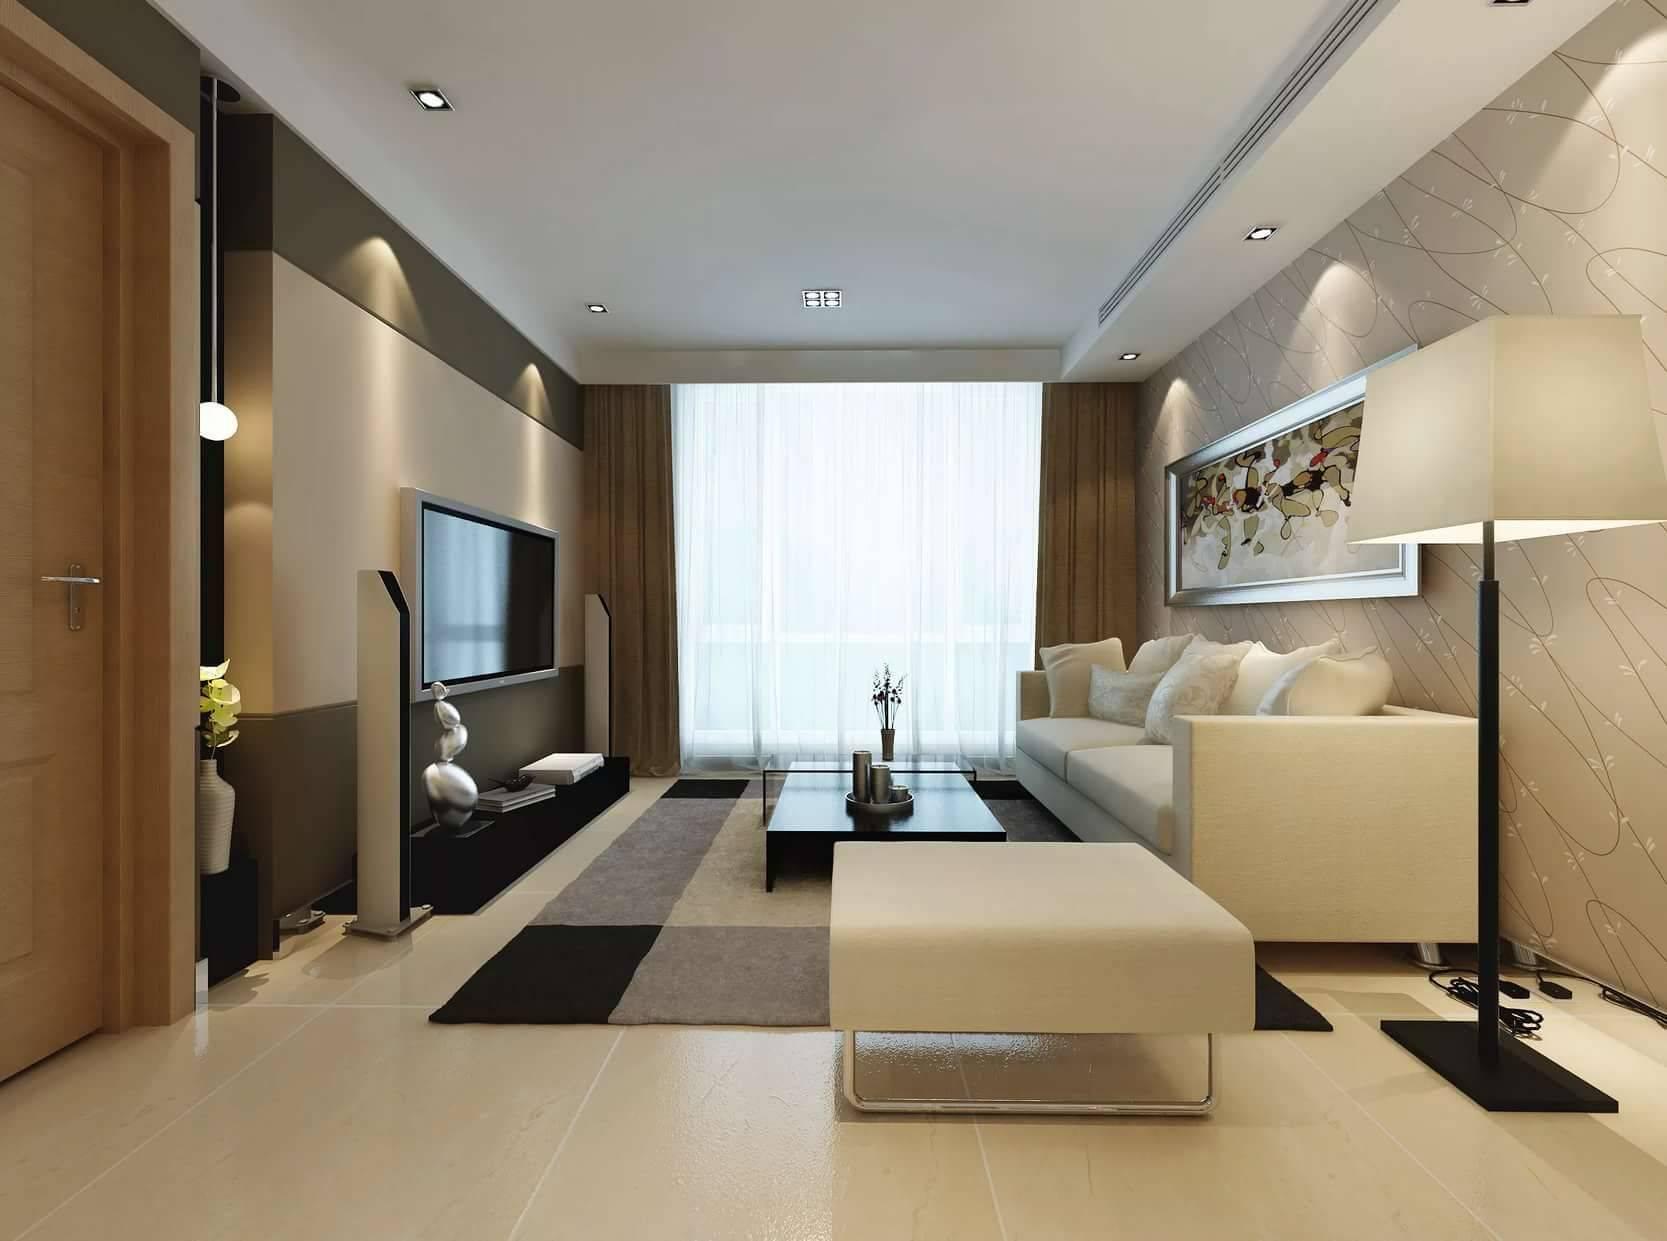 Современный дизайн гостиной: более 200 фото идей интерьера гостиной